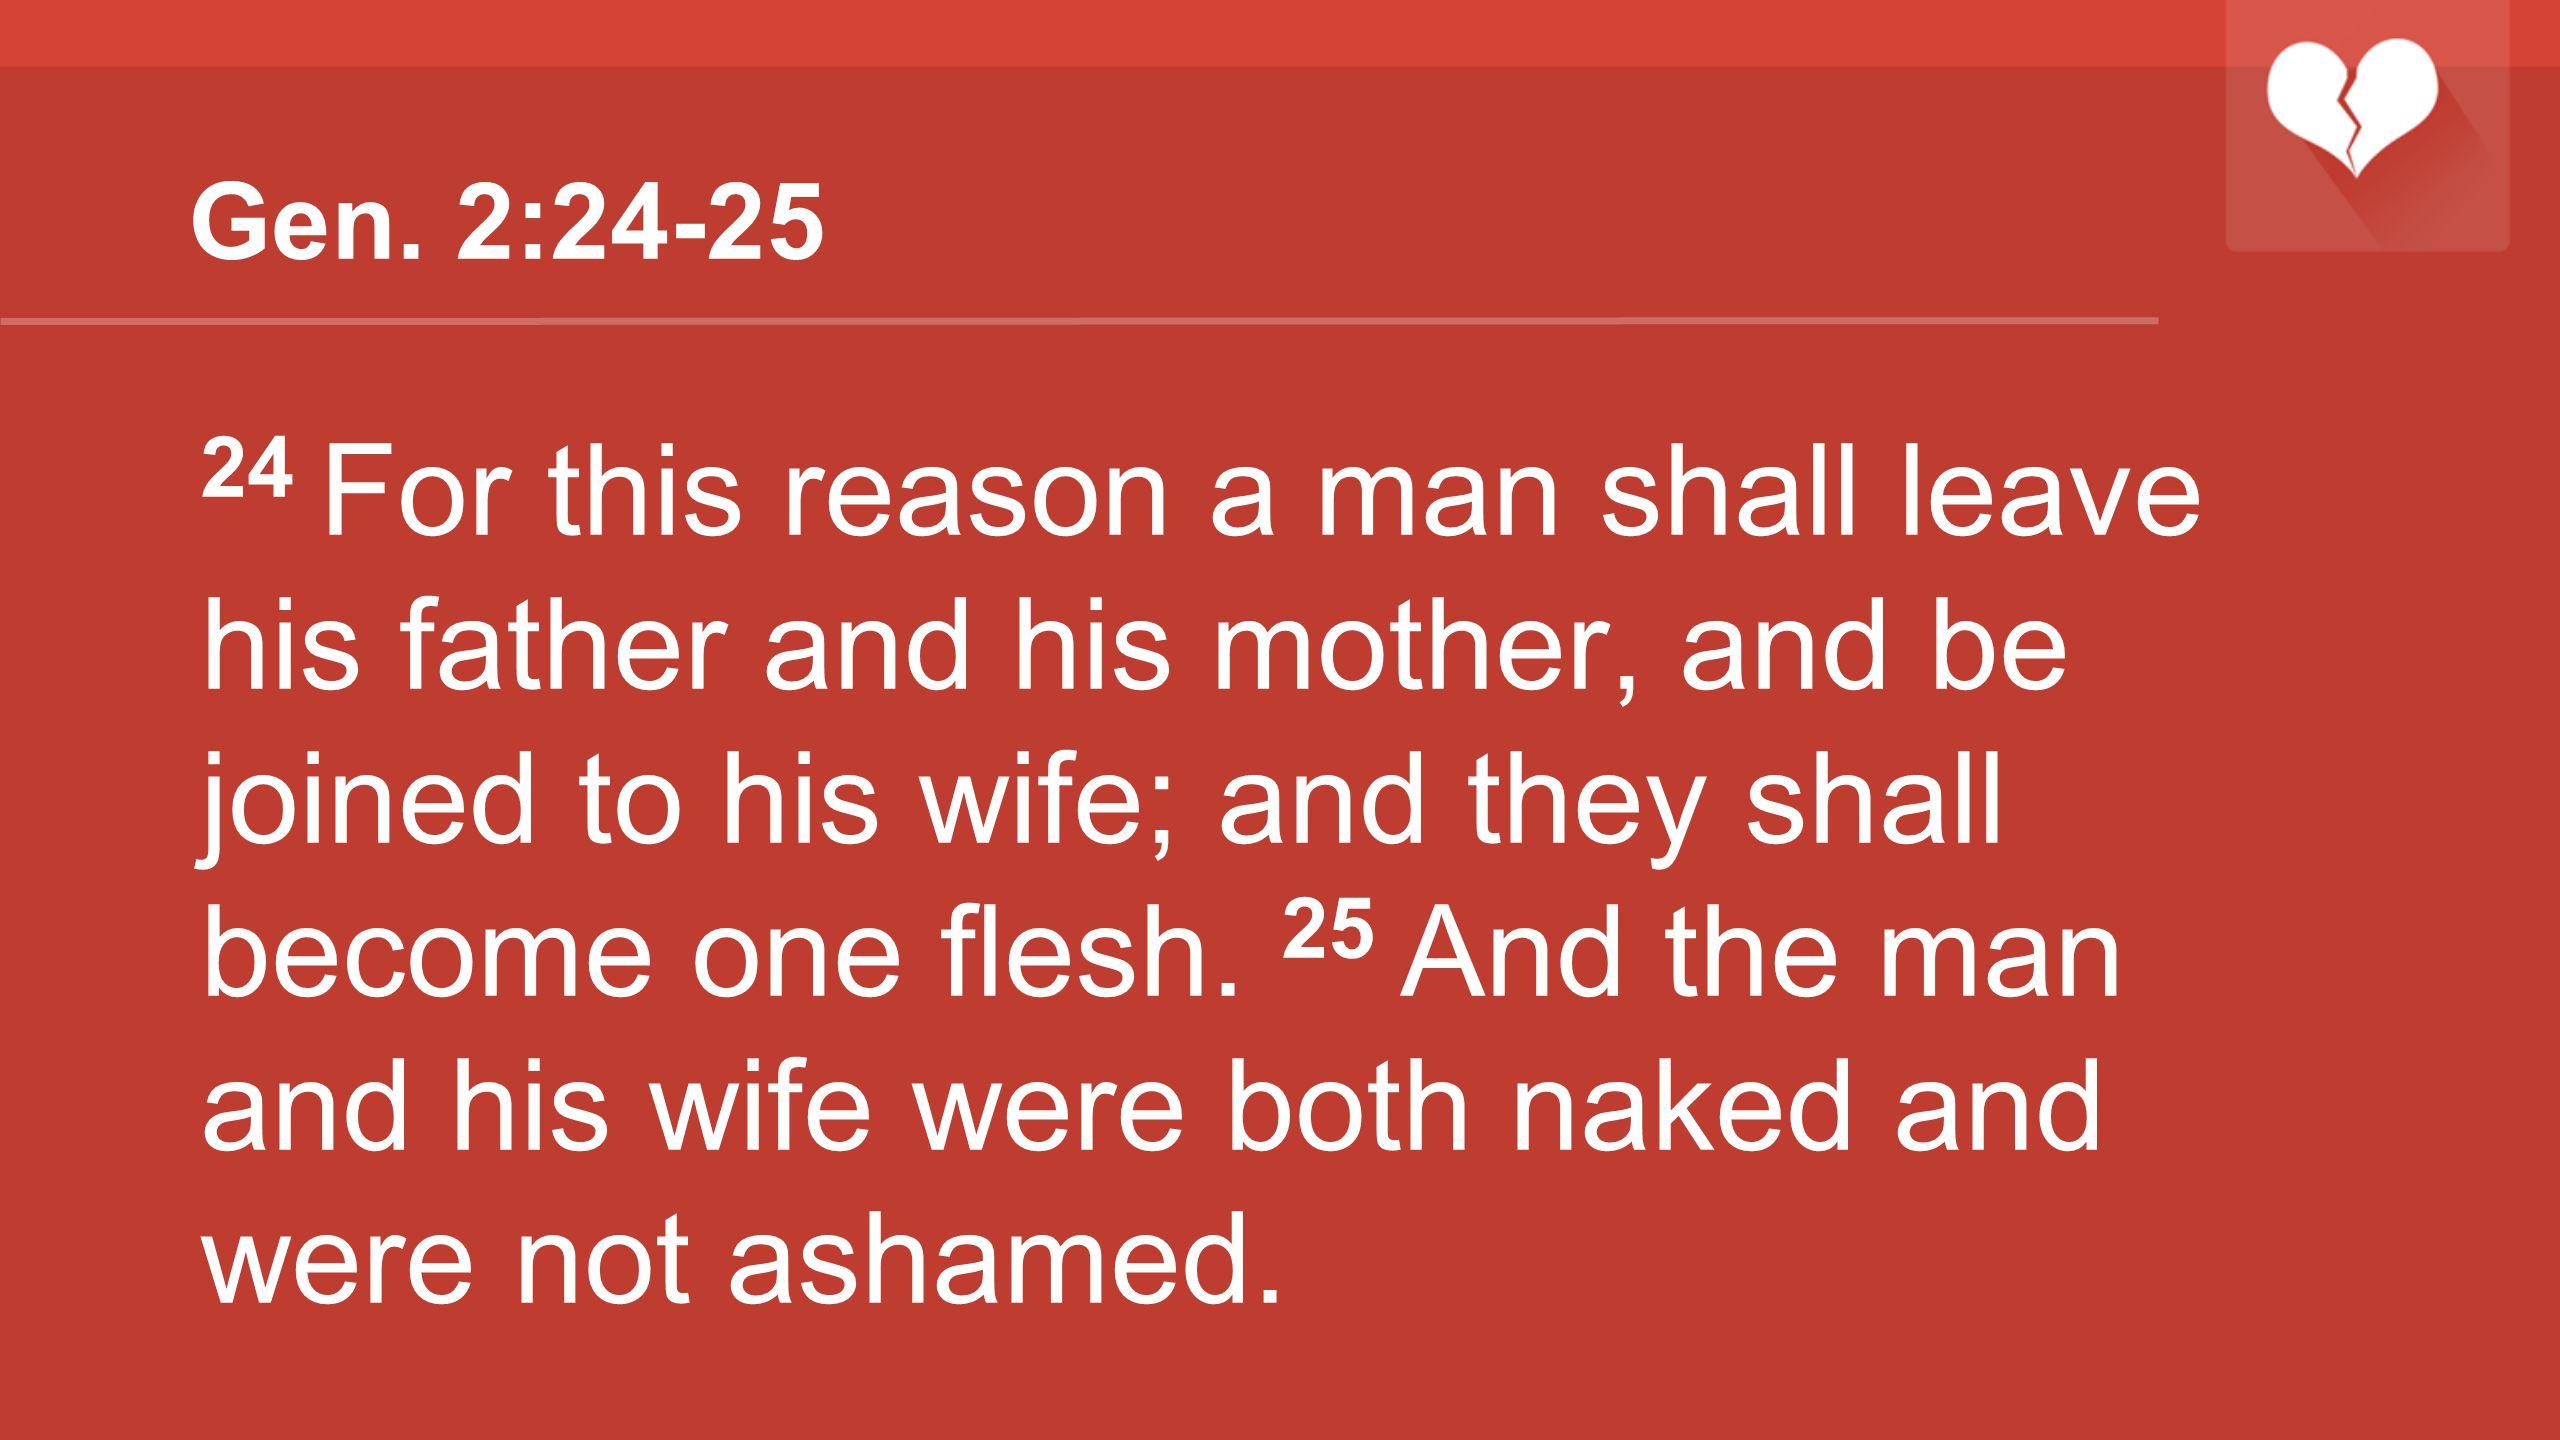 Gen. 2:24-25